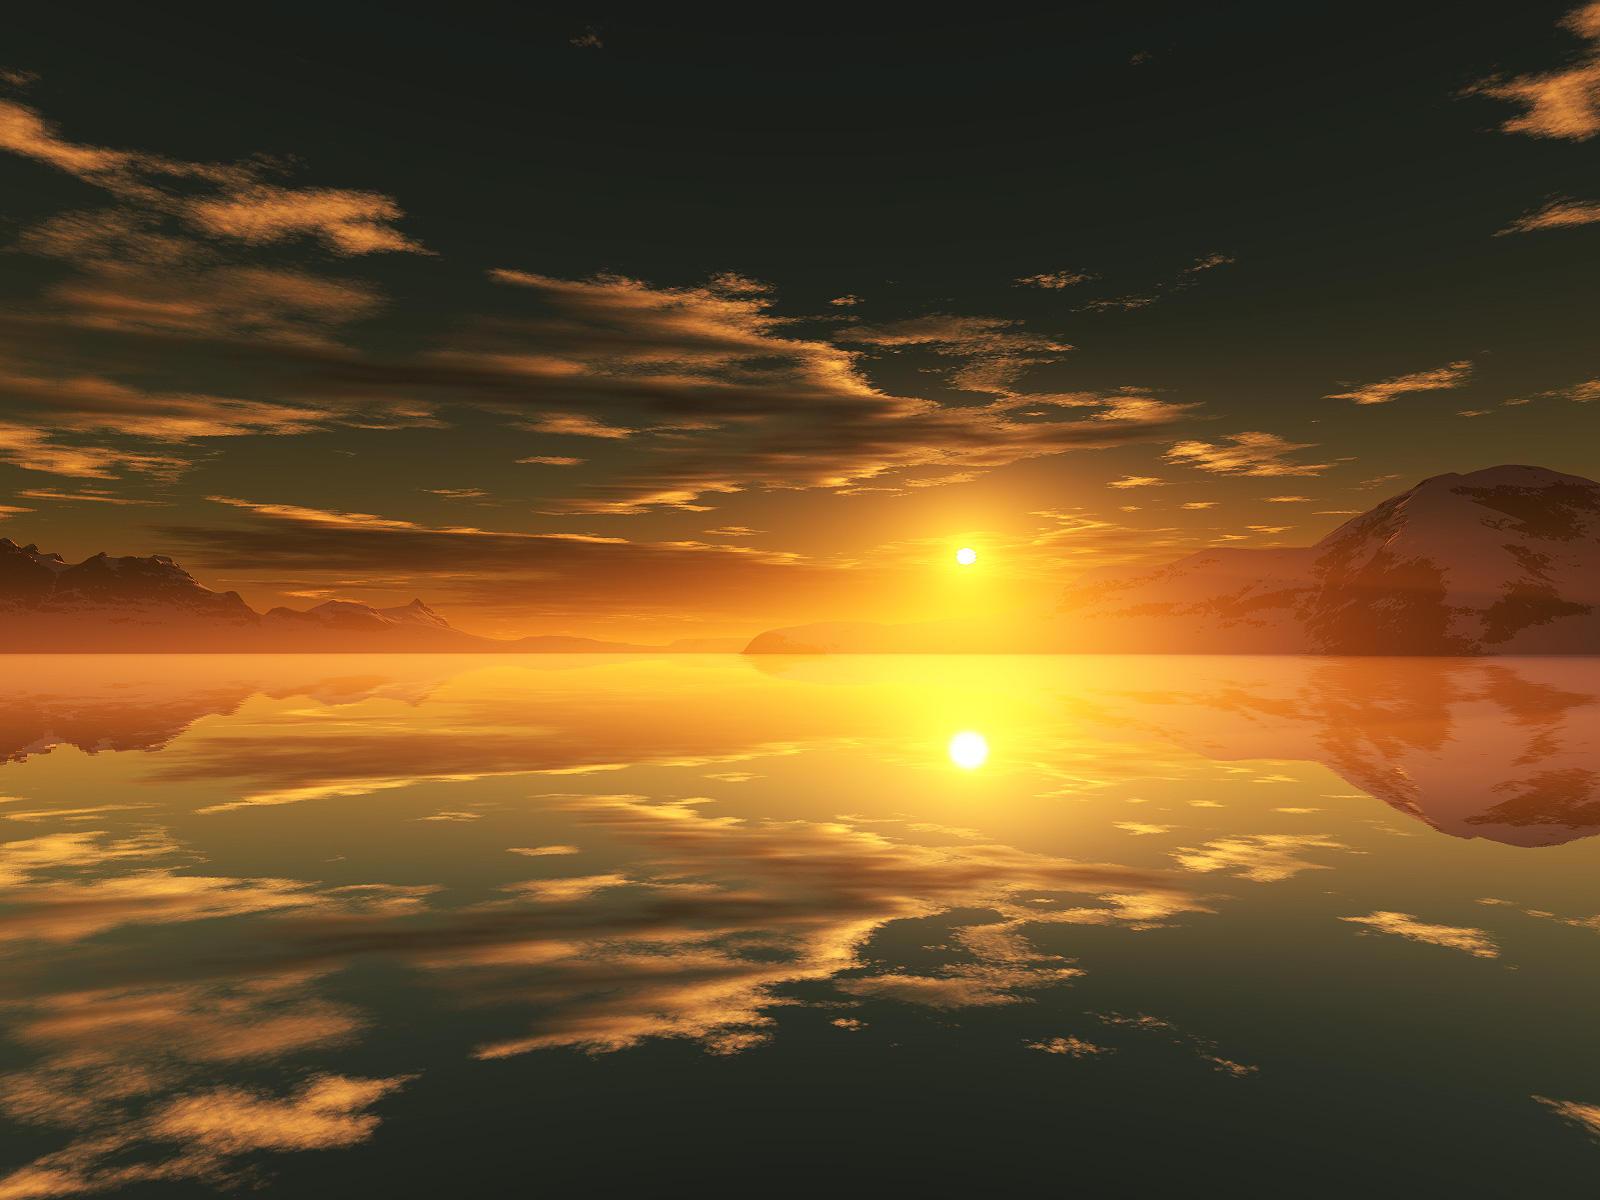 Sunset in Season by alyn